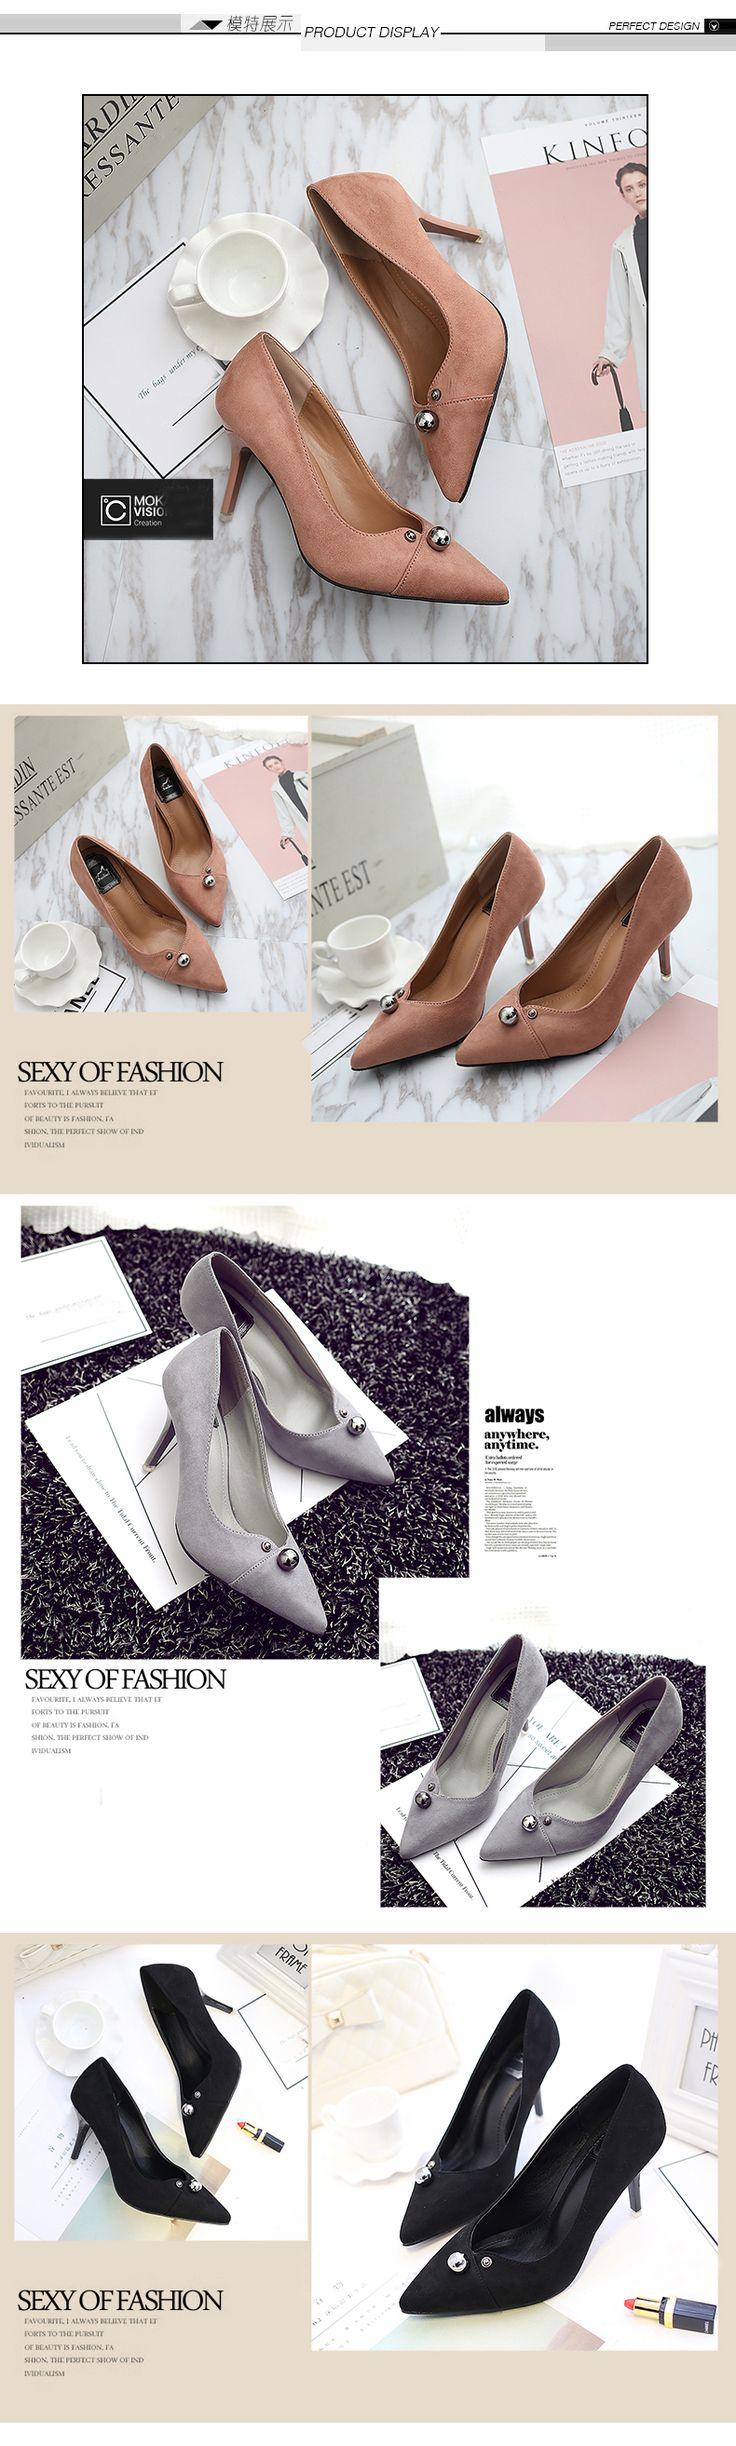 2017 весна замшевые туфли на высоком каблуке с тонкими женщин сексуальными заклепками яркие бусы указал мелкая рот оккупация рабочая обувь невесты обувь - Taobao